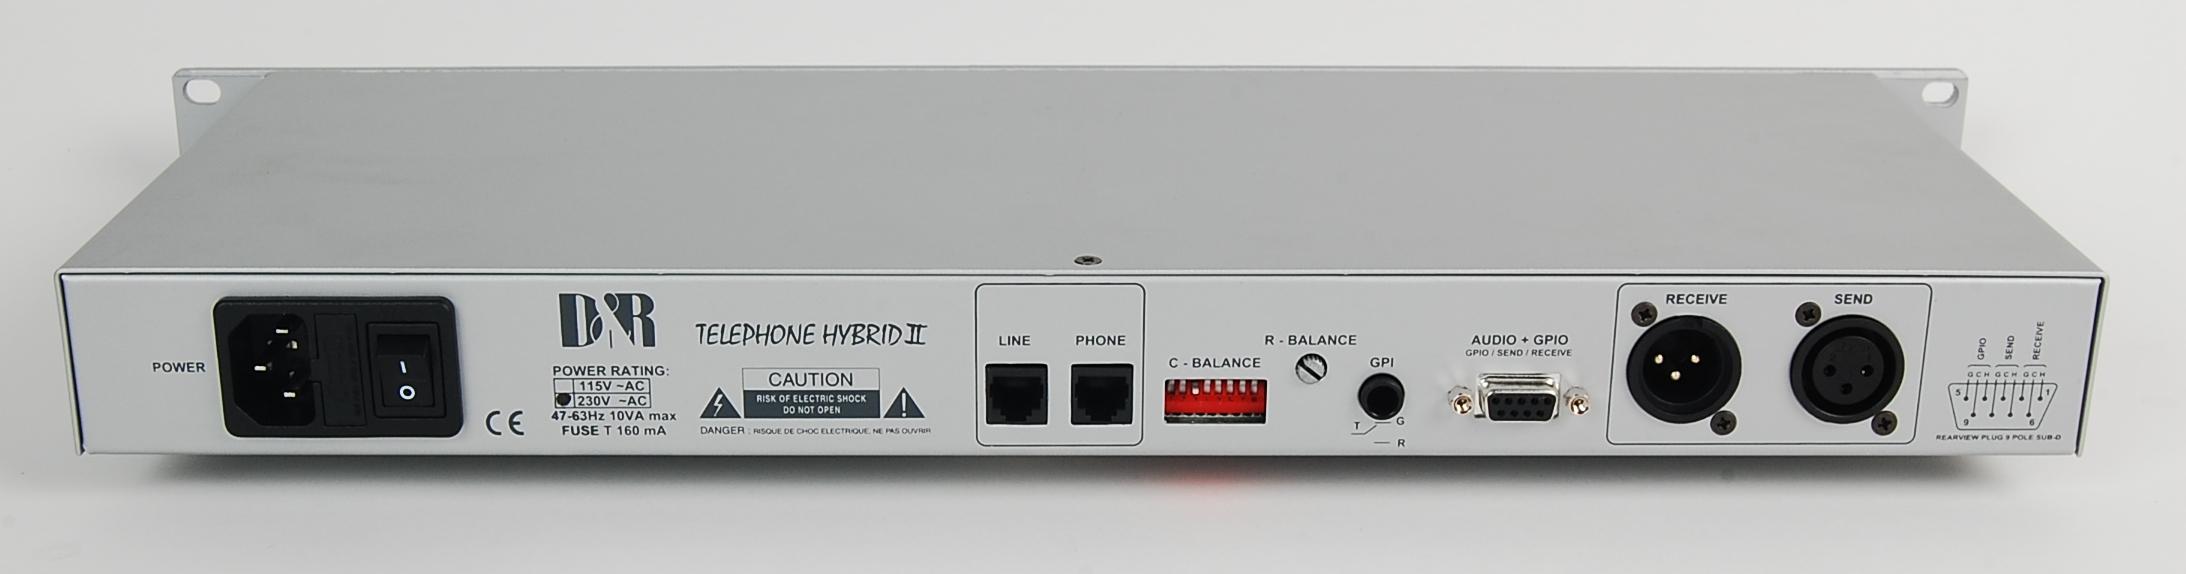 Telephone Hybrid II